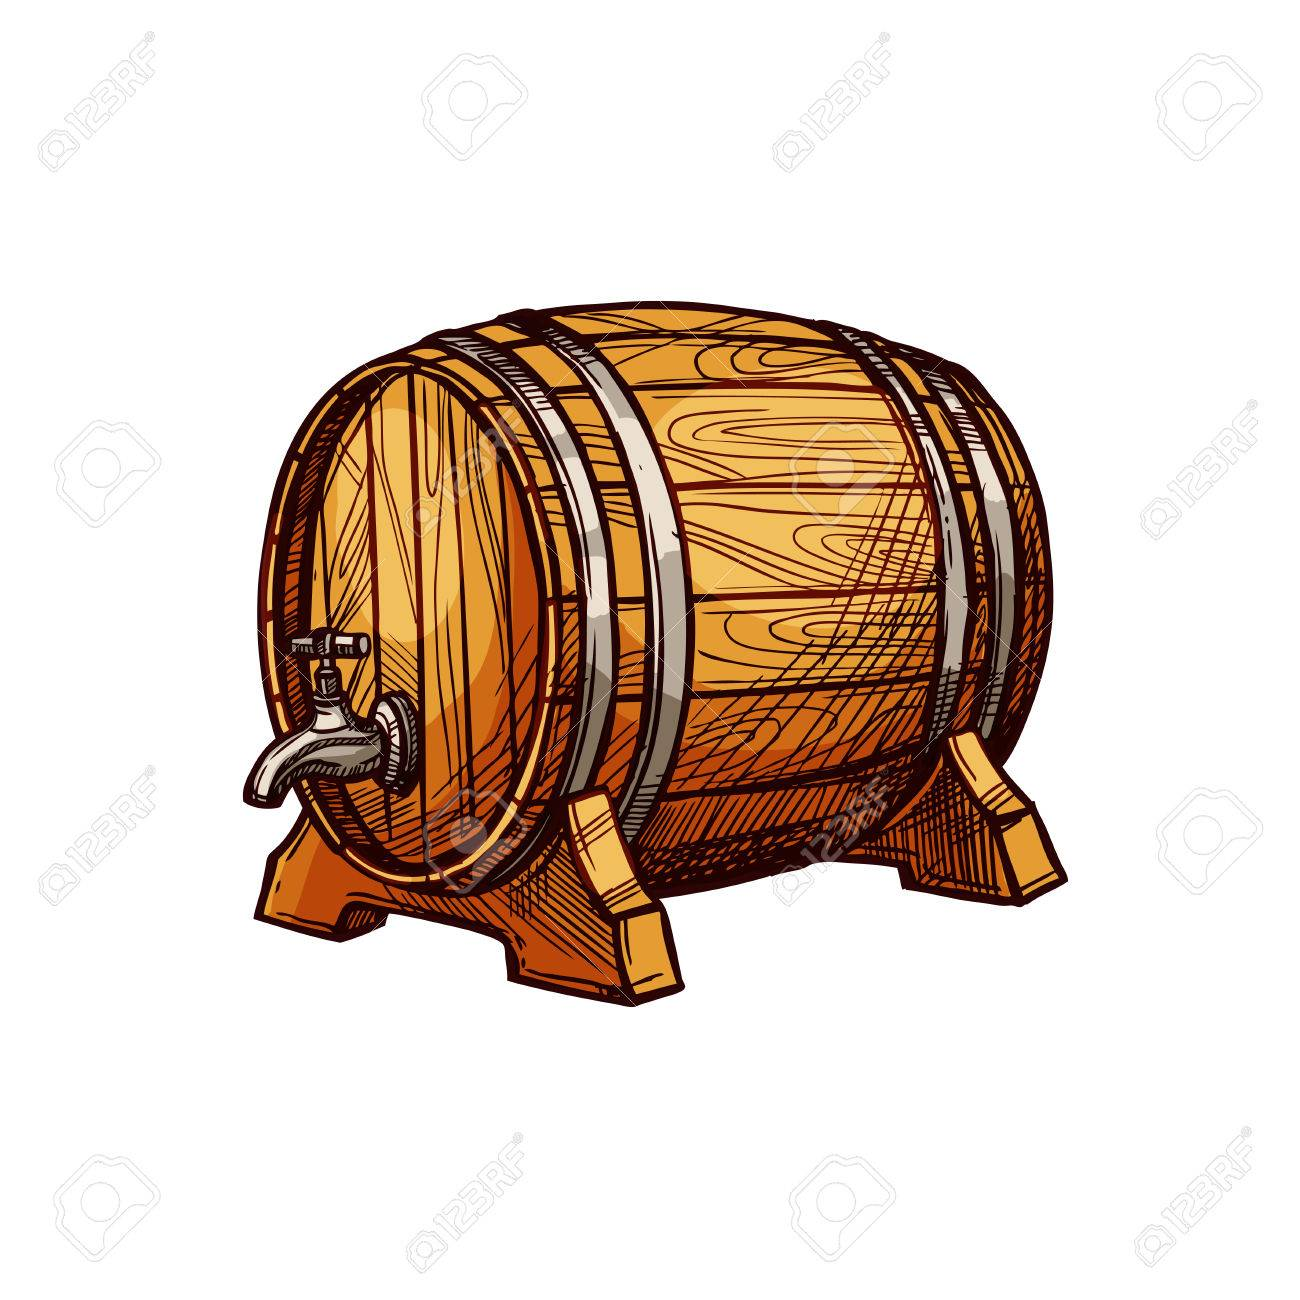 Holzfass Bier Oder Wein Skizze. Alte Eichenfass Mit Einem Hahn Auf ...